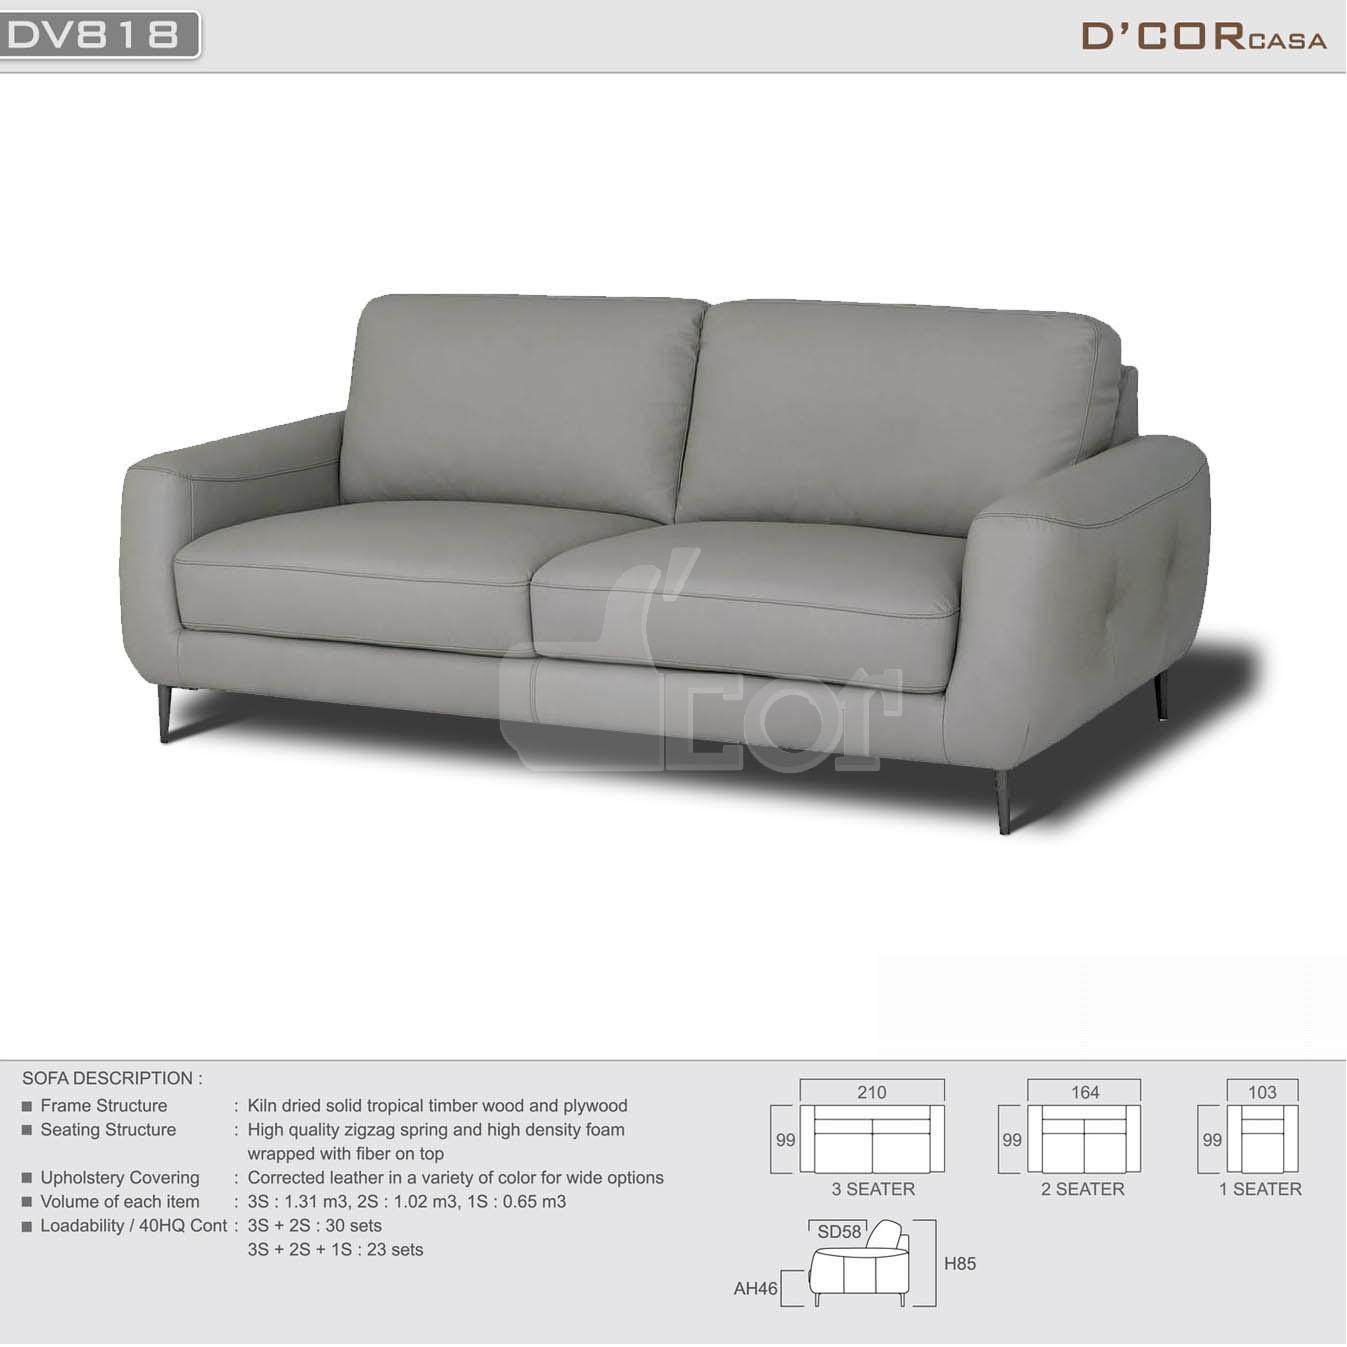 Mẫu sofa văng da thật nhập khẩu Malaysia cho phòng khách nhỏ đẹp mê hồn